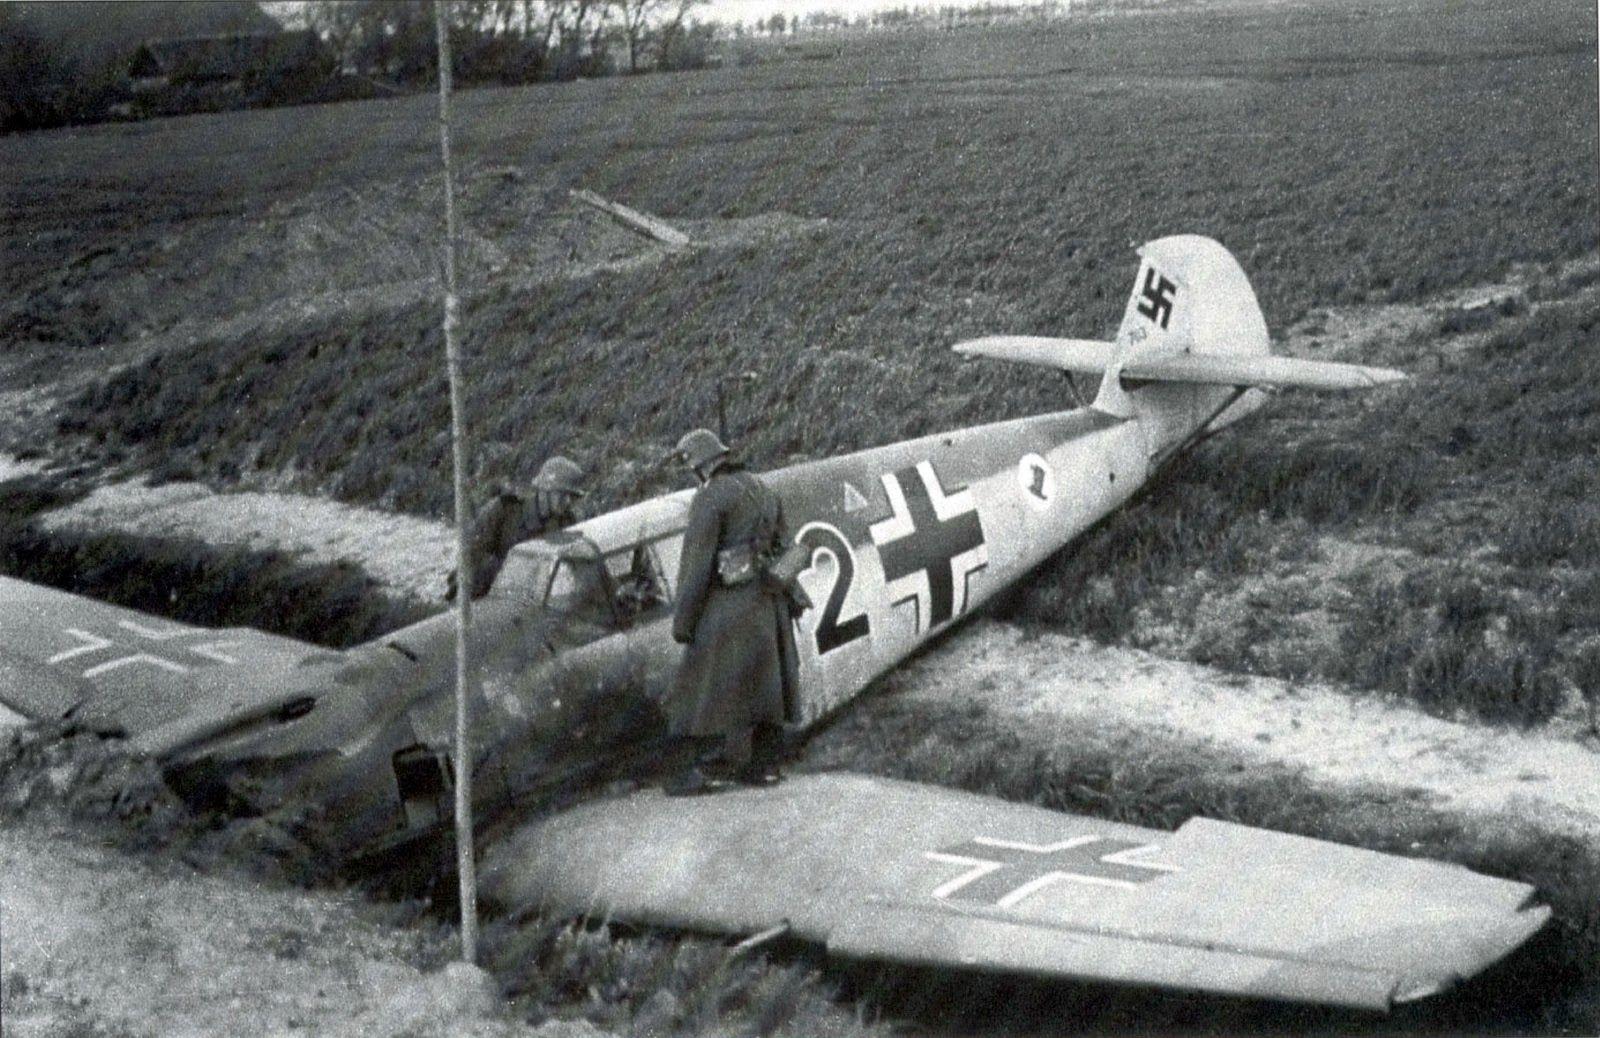 """Original Google-Übersetzung : Fotos Messerschmitt Bf 109 E-3 """"schwarz 2"""" (Werknummer 703) von 2 (J) / LG 2 statt Luik / Lüttich kurz nach der Offensive im Westen am 10. Mai 1940. Dieses Flugzeug ist die Möglichkeit , Bf 109 gehören , Uffz Friedrich Möller, der nach von einer Mission zurückkehrt vom 10. Mai 1940, war gezwungen , eine Notlandung ohne Räder wegen Treibstoffmangel zu machen. """"Emil"""" Dieser eine Standard - Tarnanstrich im Jahr 1940 hat, und das Symbol """"Hut gekippt"""" gehört 2. (J)…"""